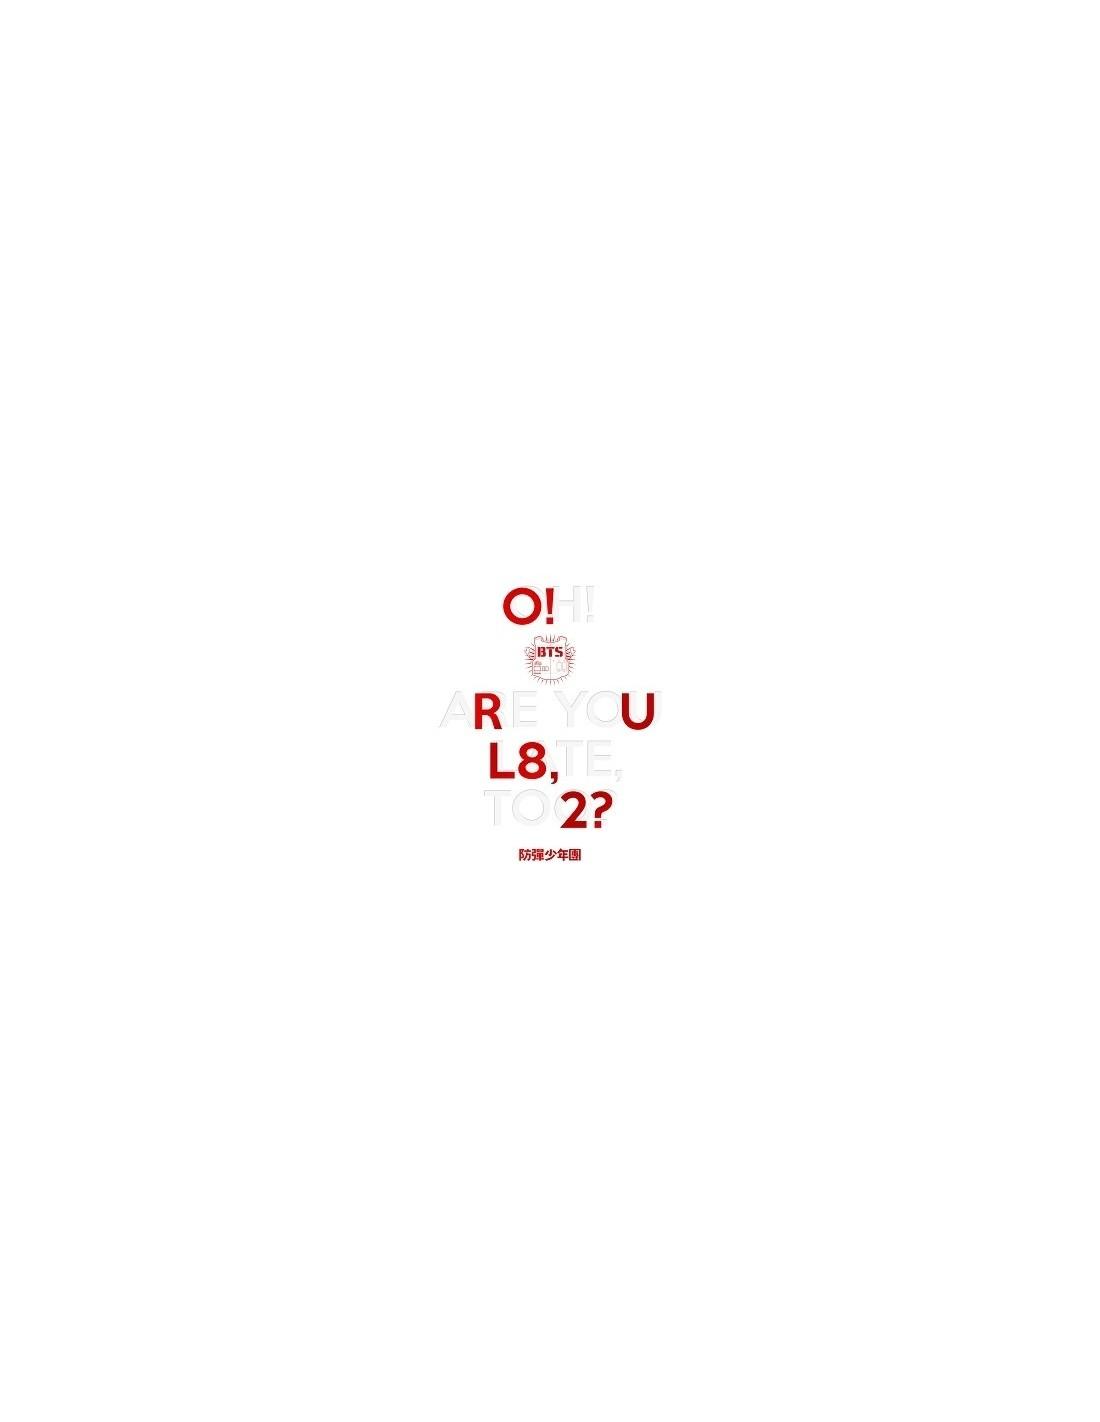 bts 1st mini album orul82 cd booklet